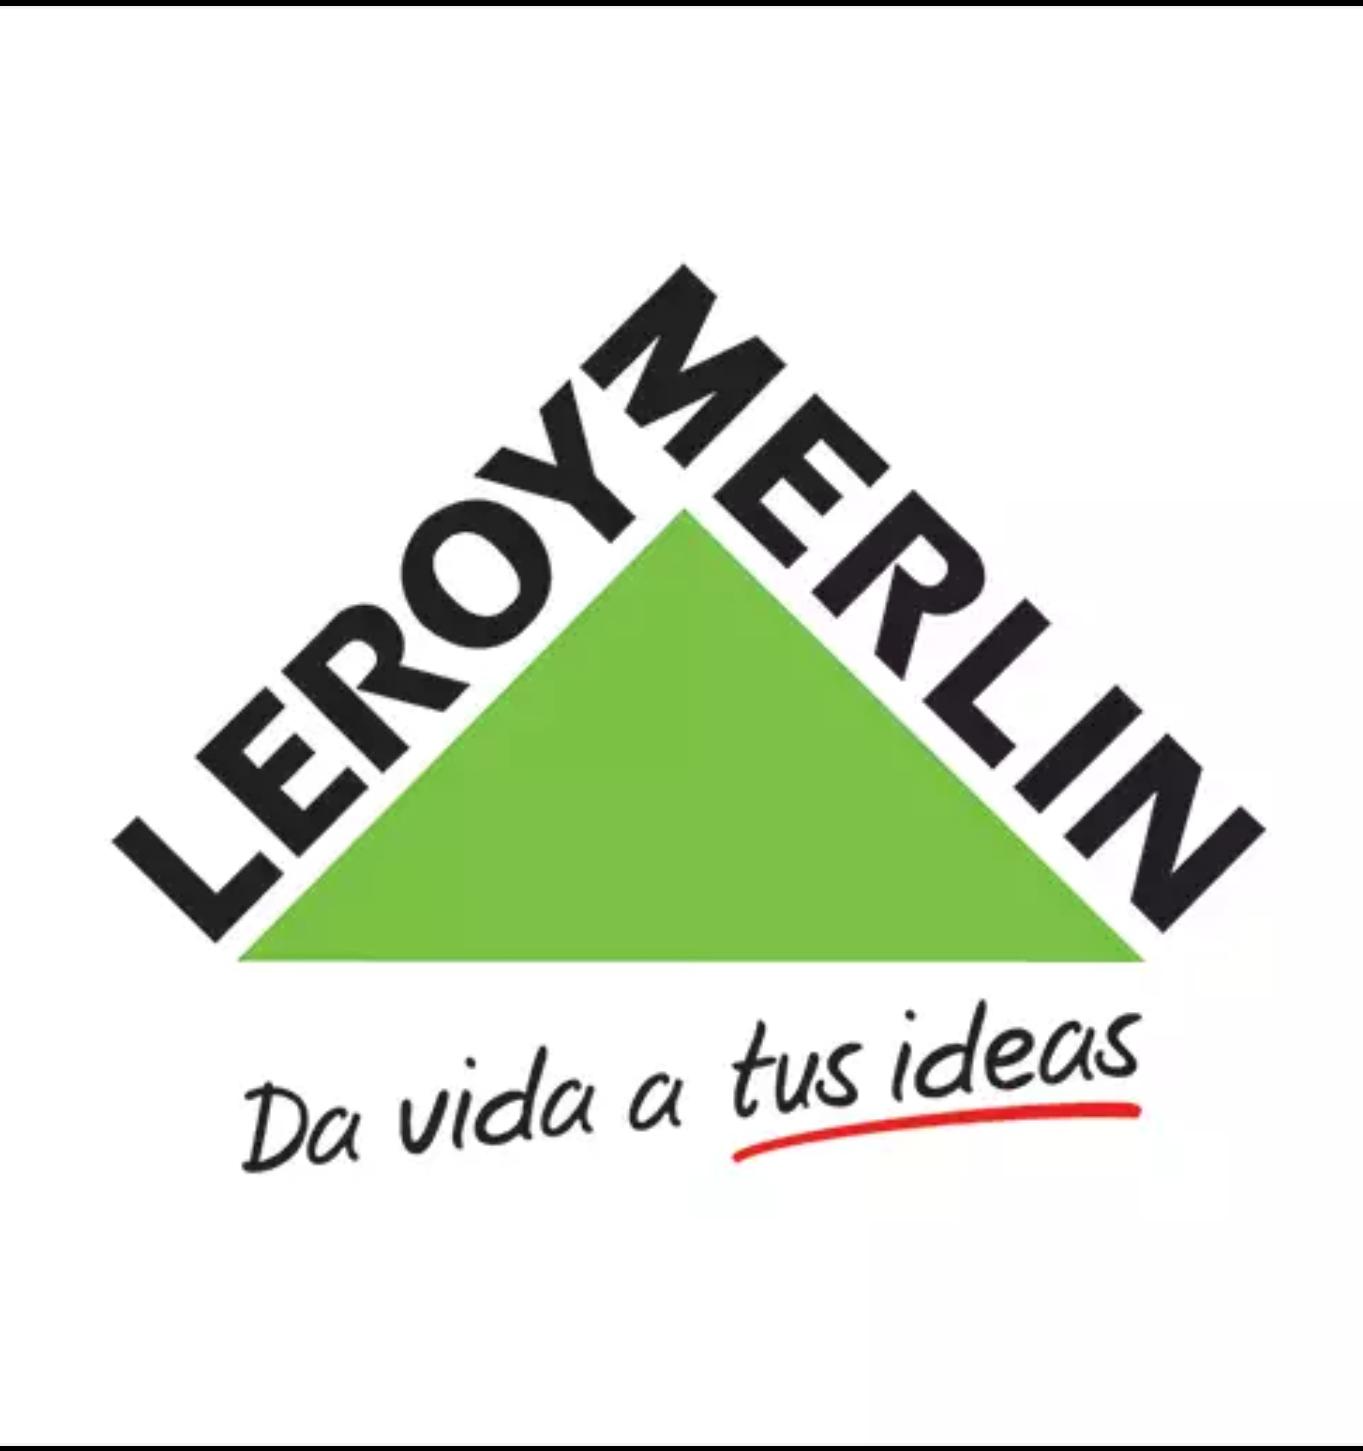 Leroy Merlin: Lunes 18-12 un 15% Dto. para socios